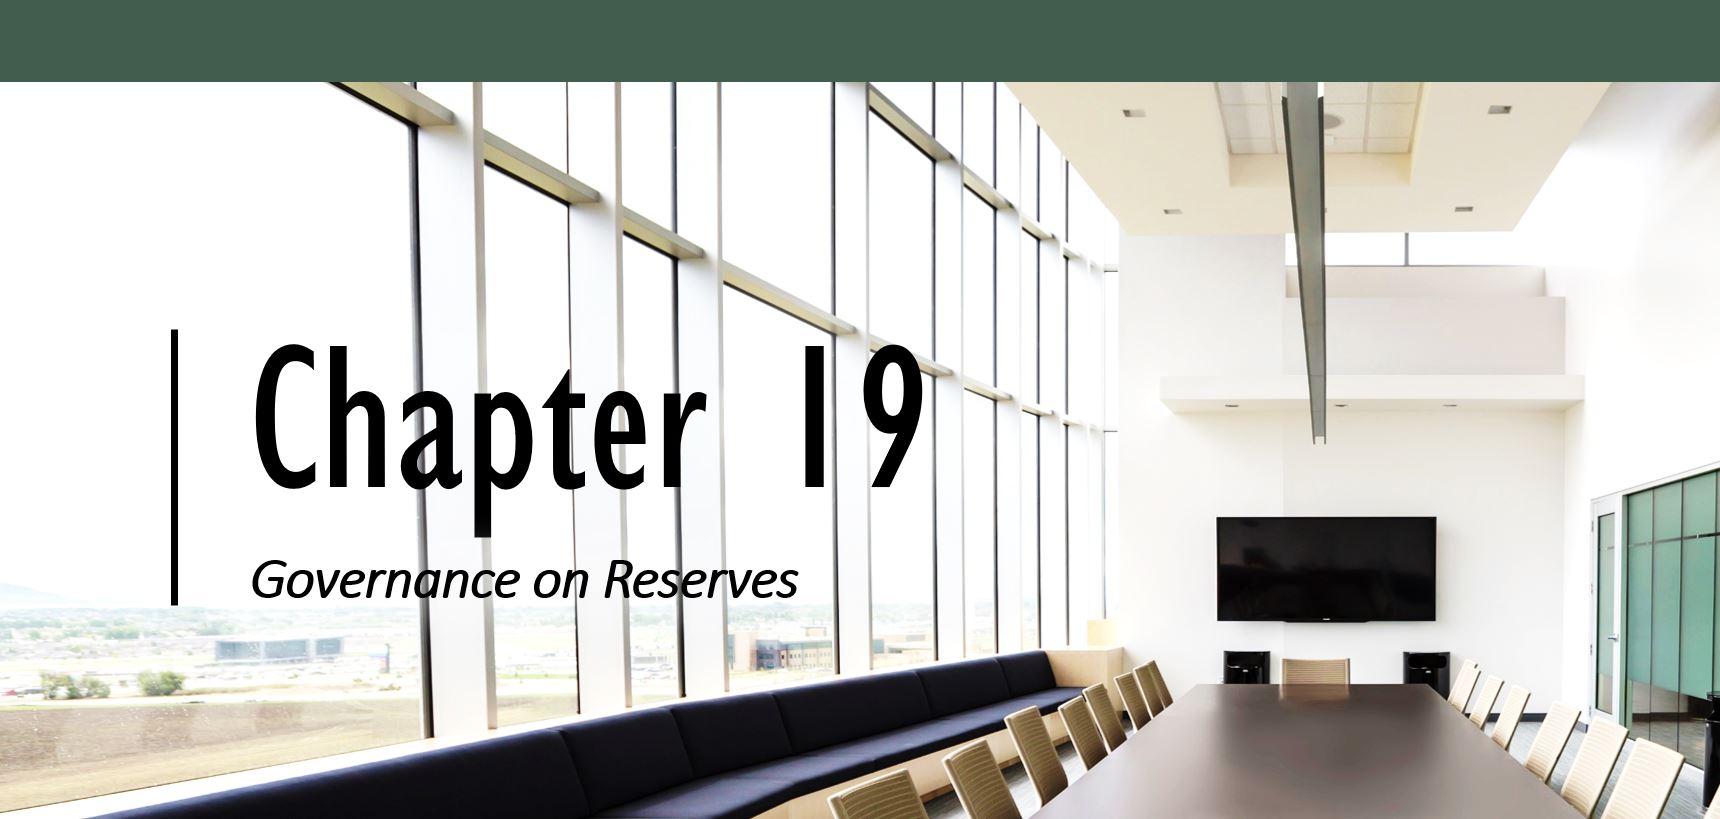 Chapter 19 Governance on Reserves